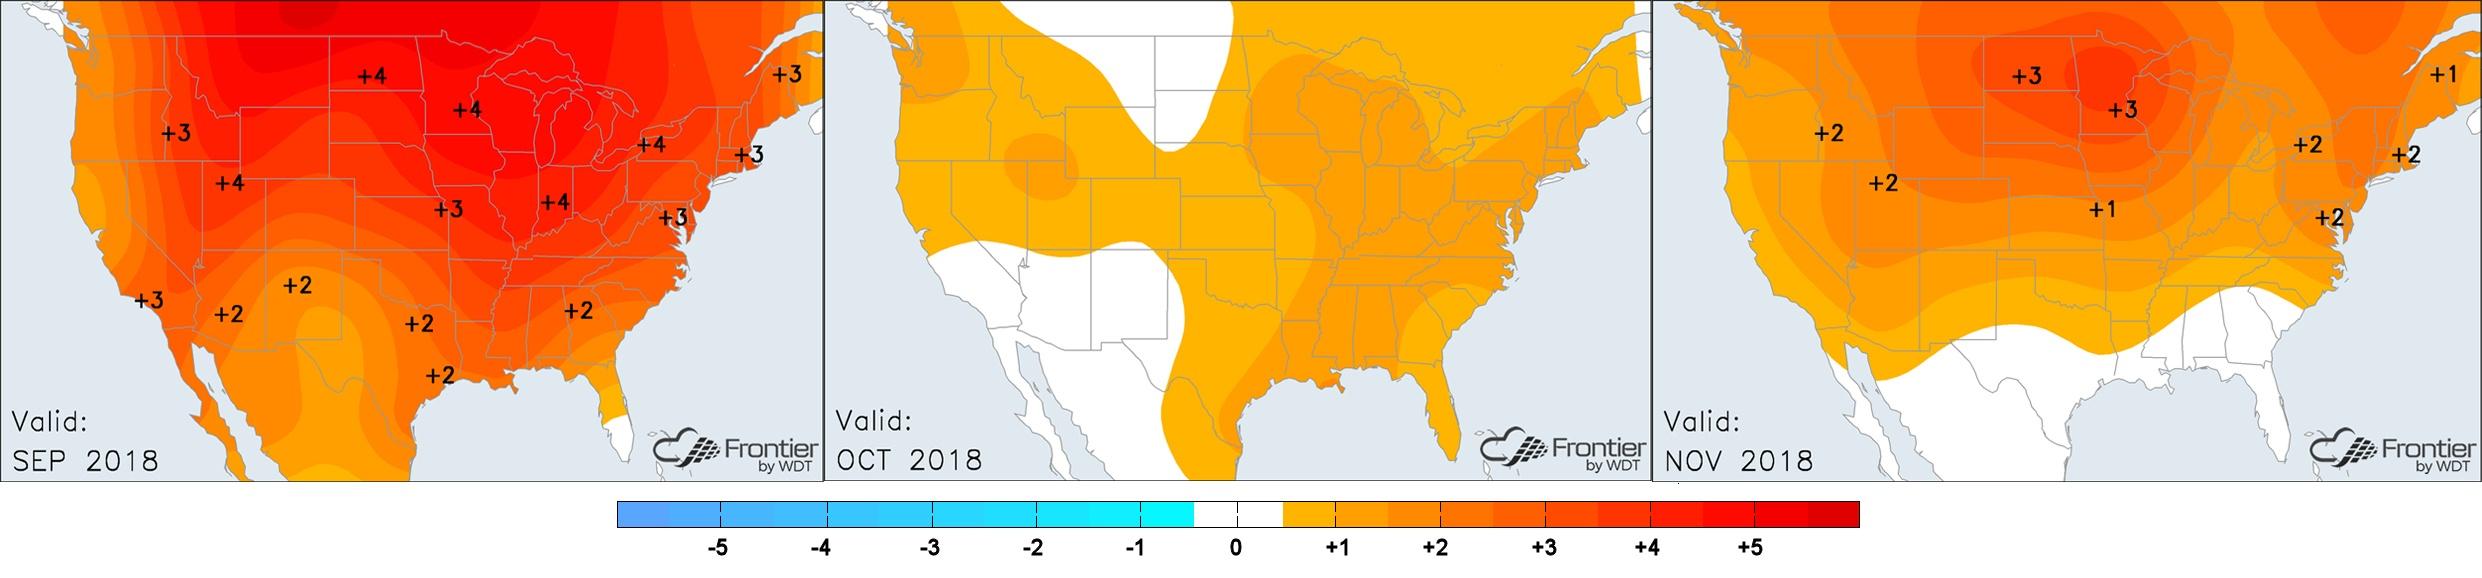 Sept-Nov Temperature Anomalies